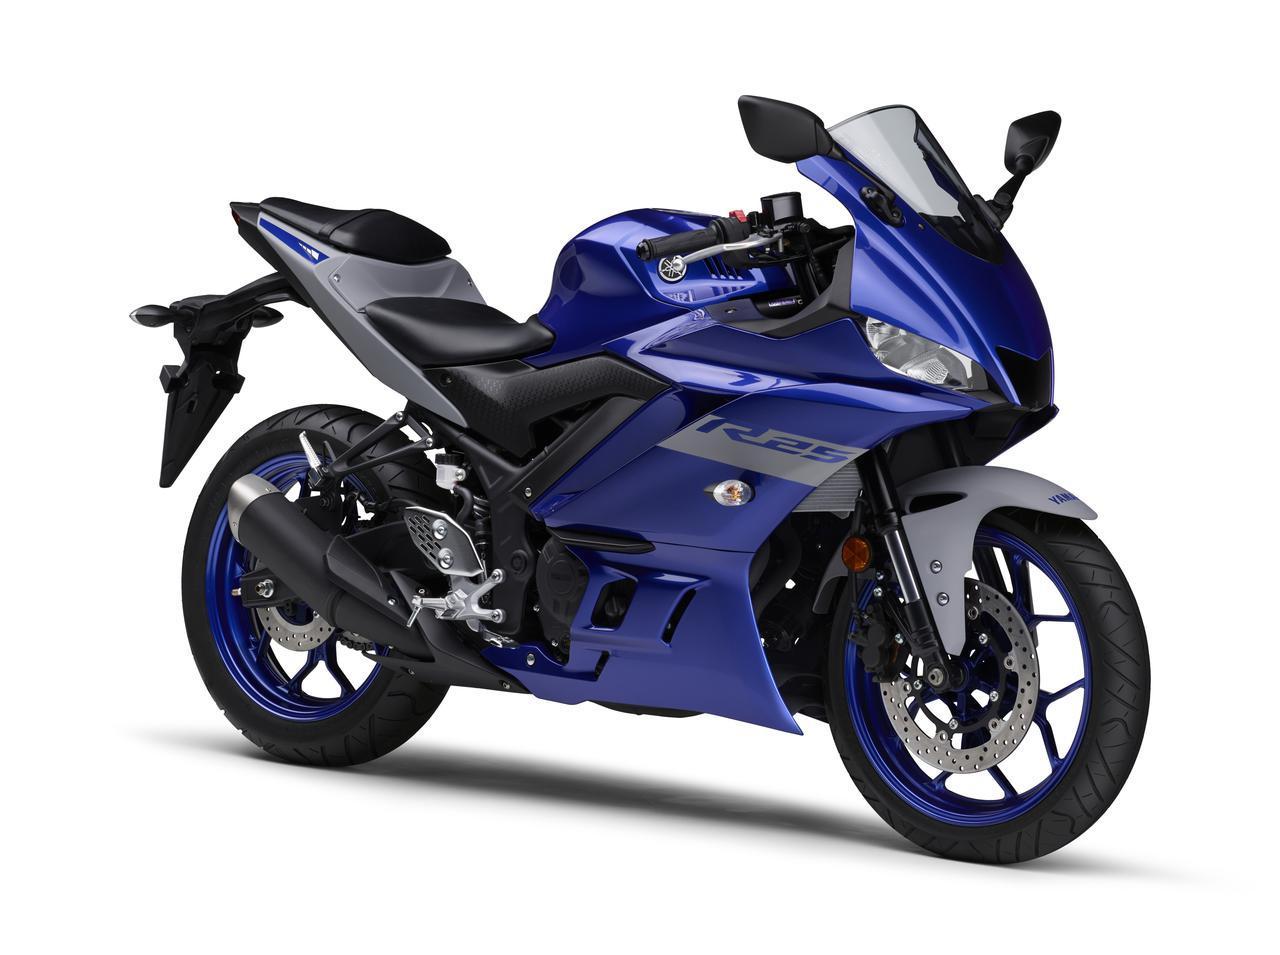 画像25: ヤマハ「YZF-R25/ABS」「YZF-R3 ABS」の2020年モデルが2月14日(金)発売! 3色展開で、すべてニューカラー!